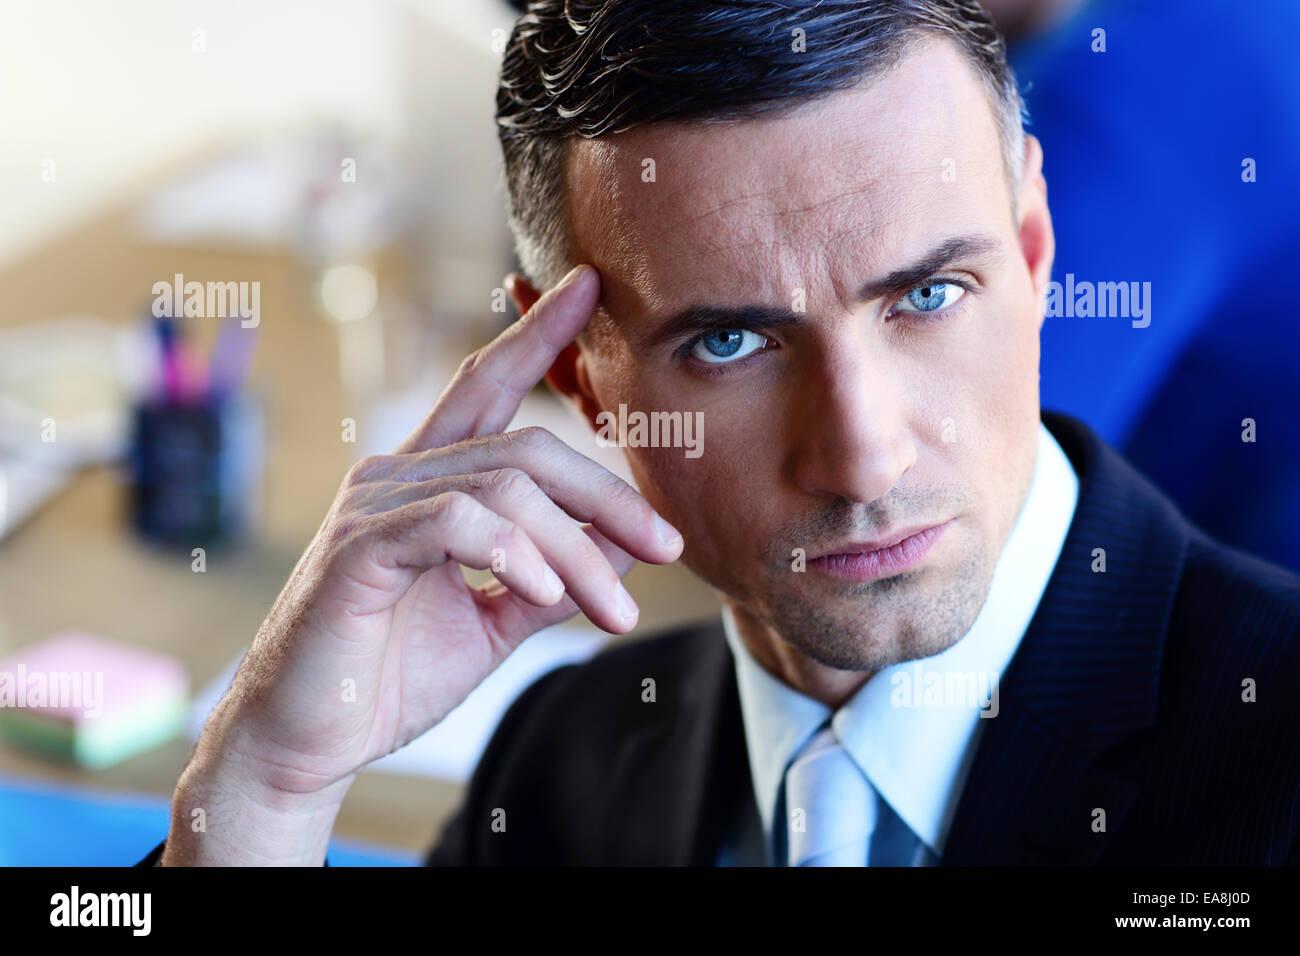 Portrait d'un certain serious businessman Photo Stock